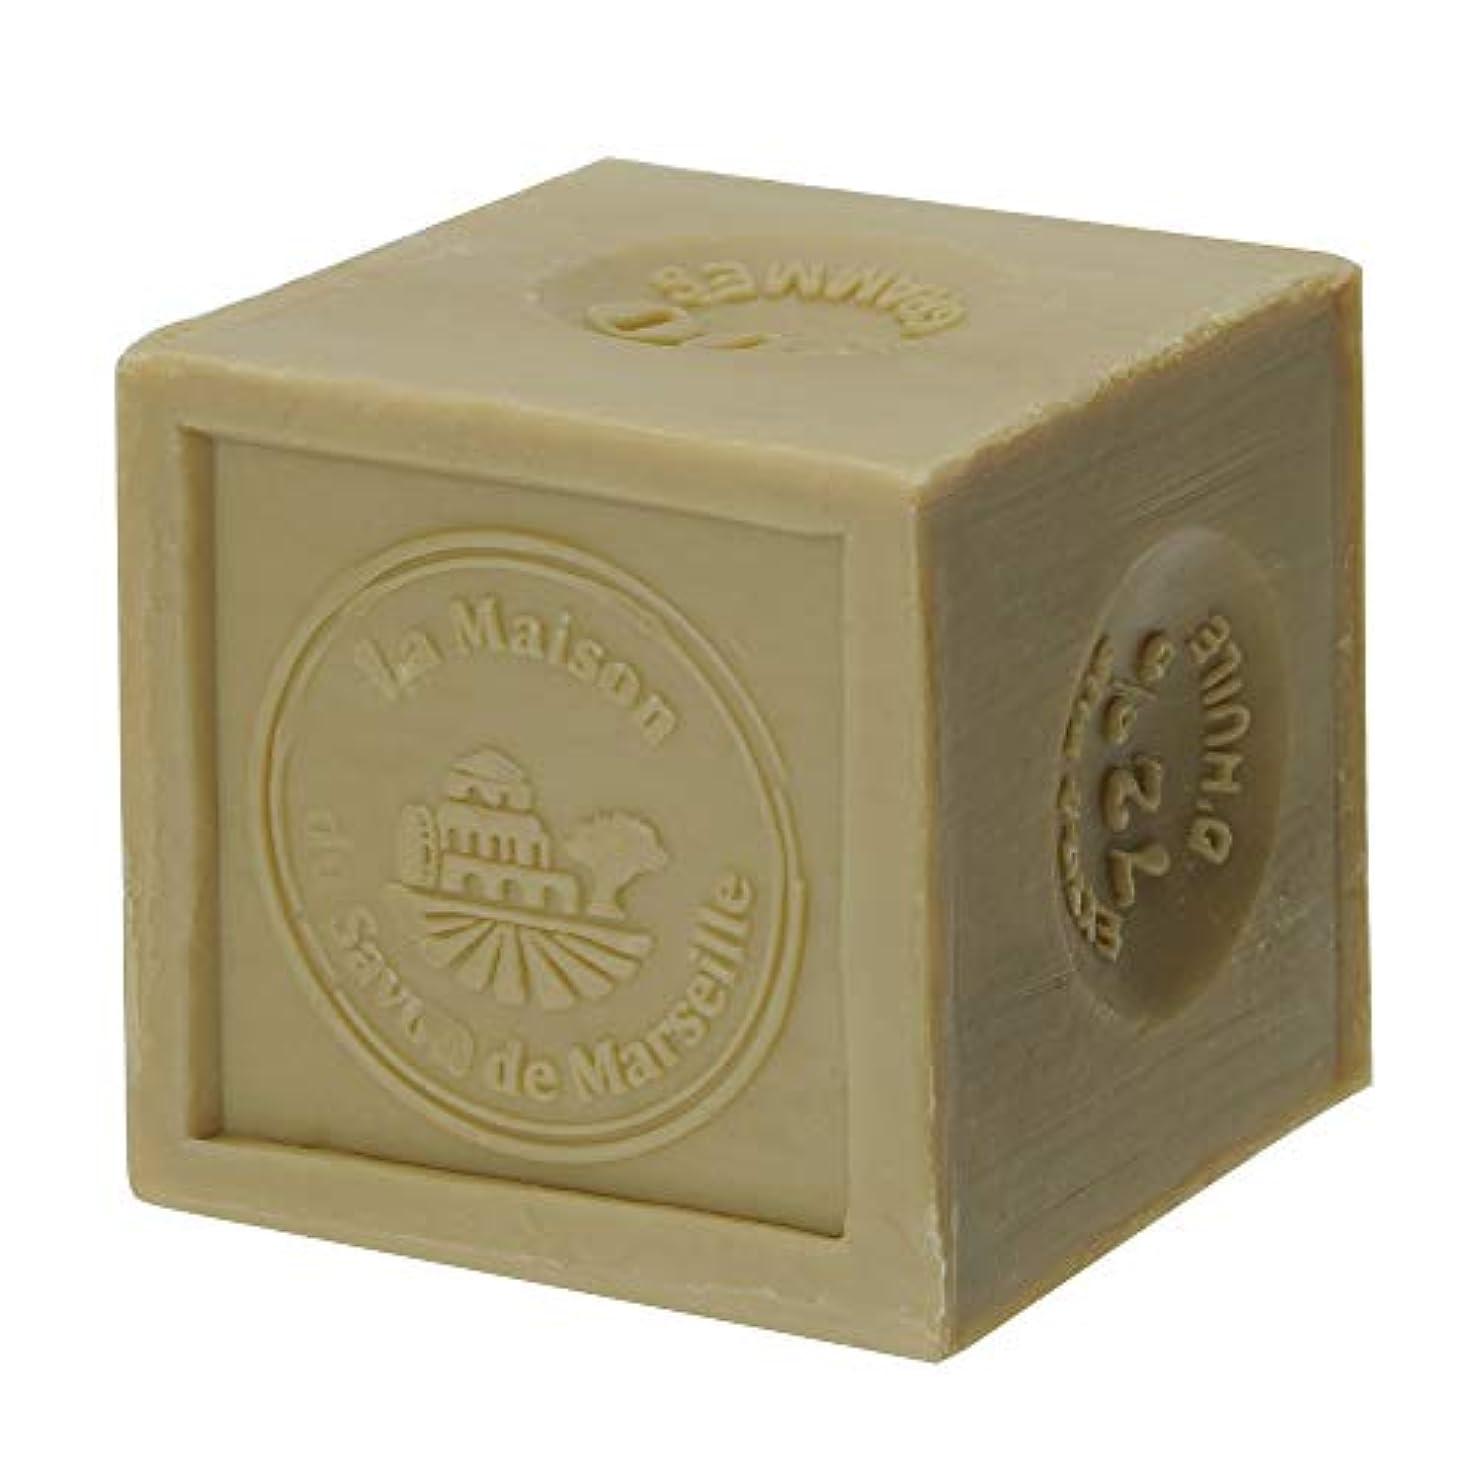 ベルベット削る砂のノルコーポレーション マルセイユ石鹸 オリーブ UPSM認証マーク付き 300g MLL-3-1